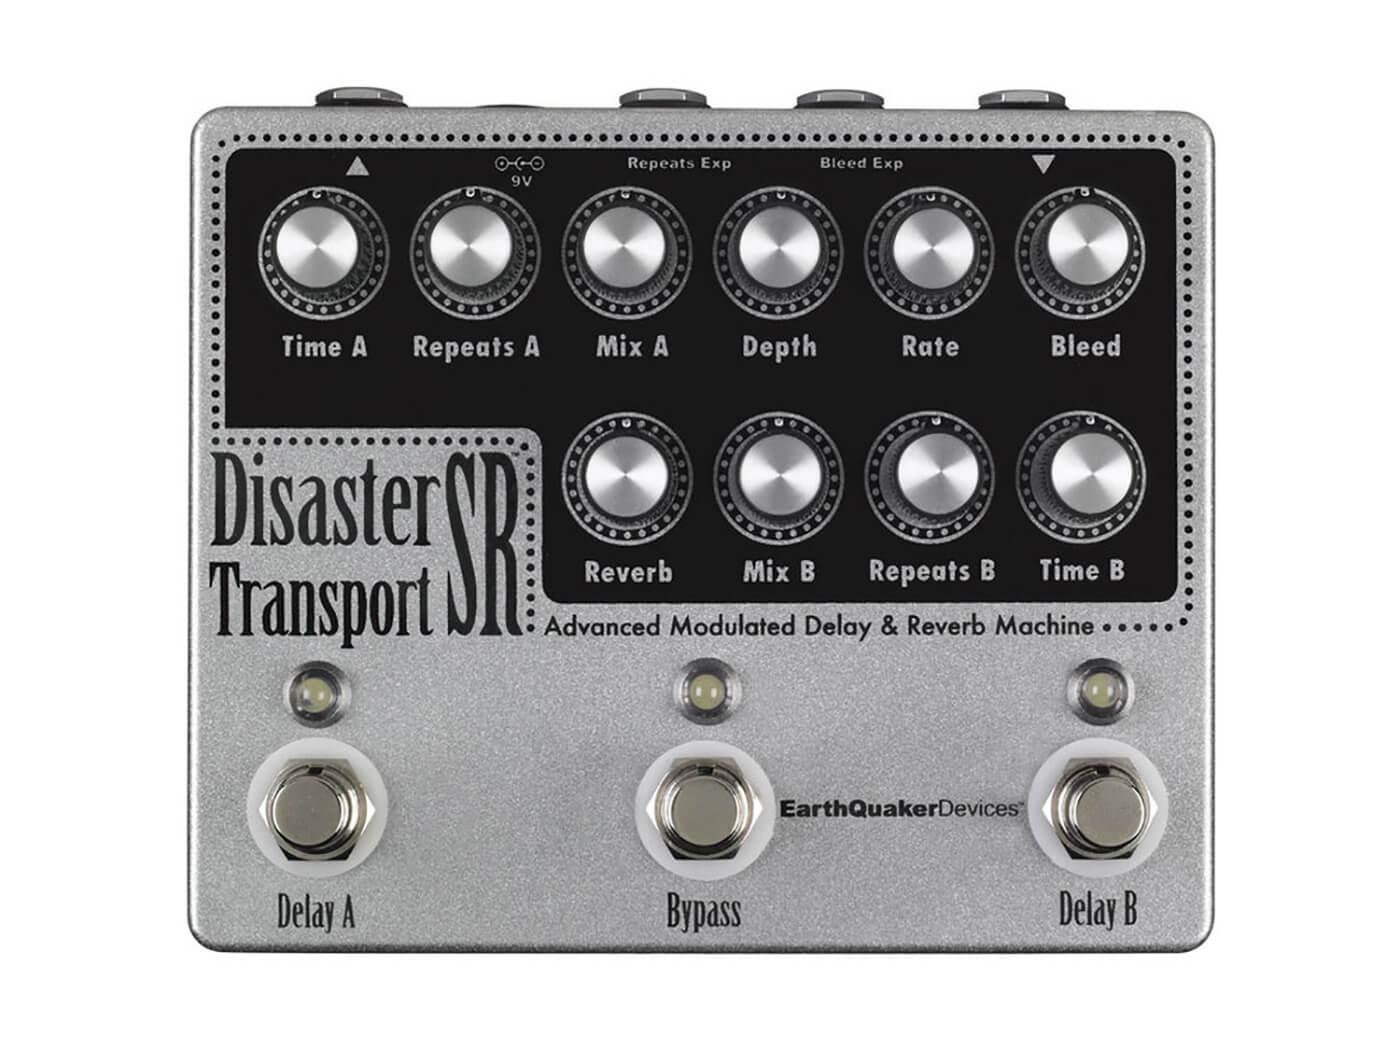 Earthquaker Disaster Transport Sr